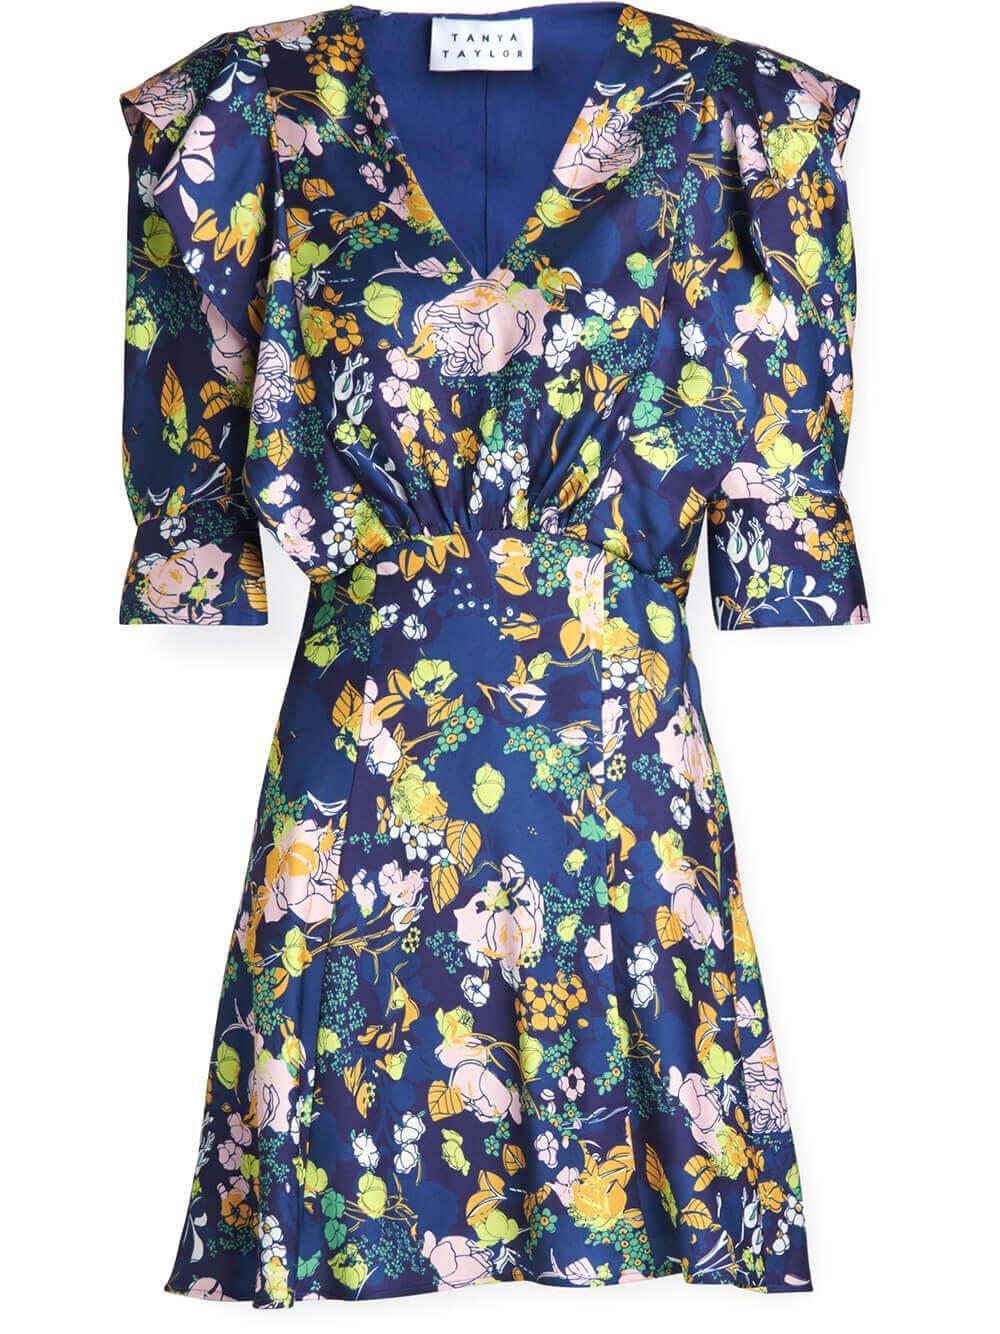 Audrey Dress Item # S21D153196